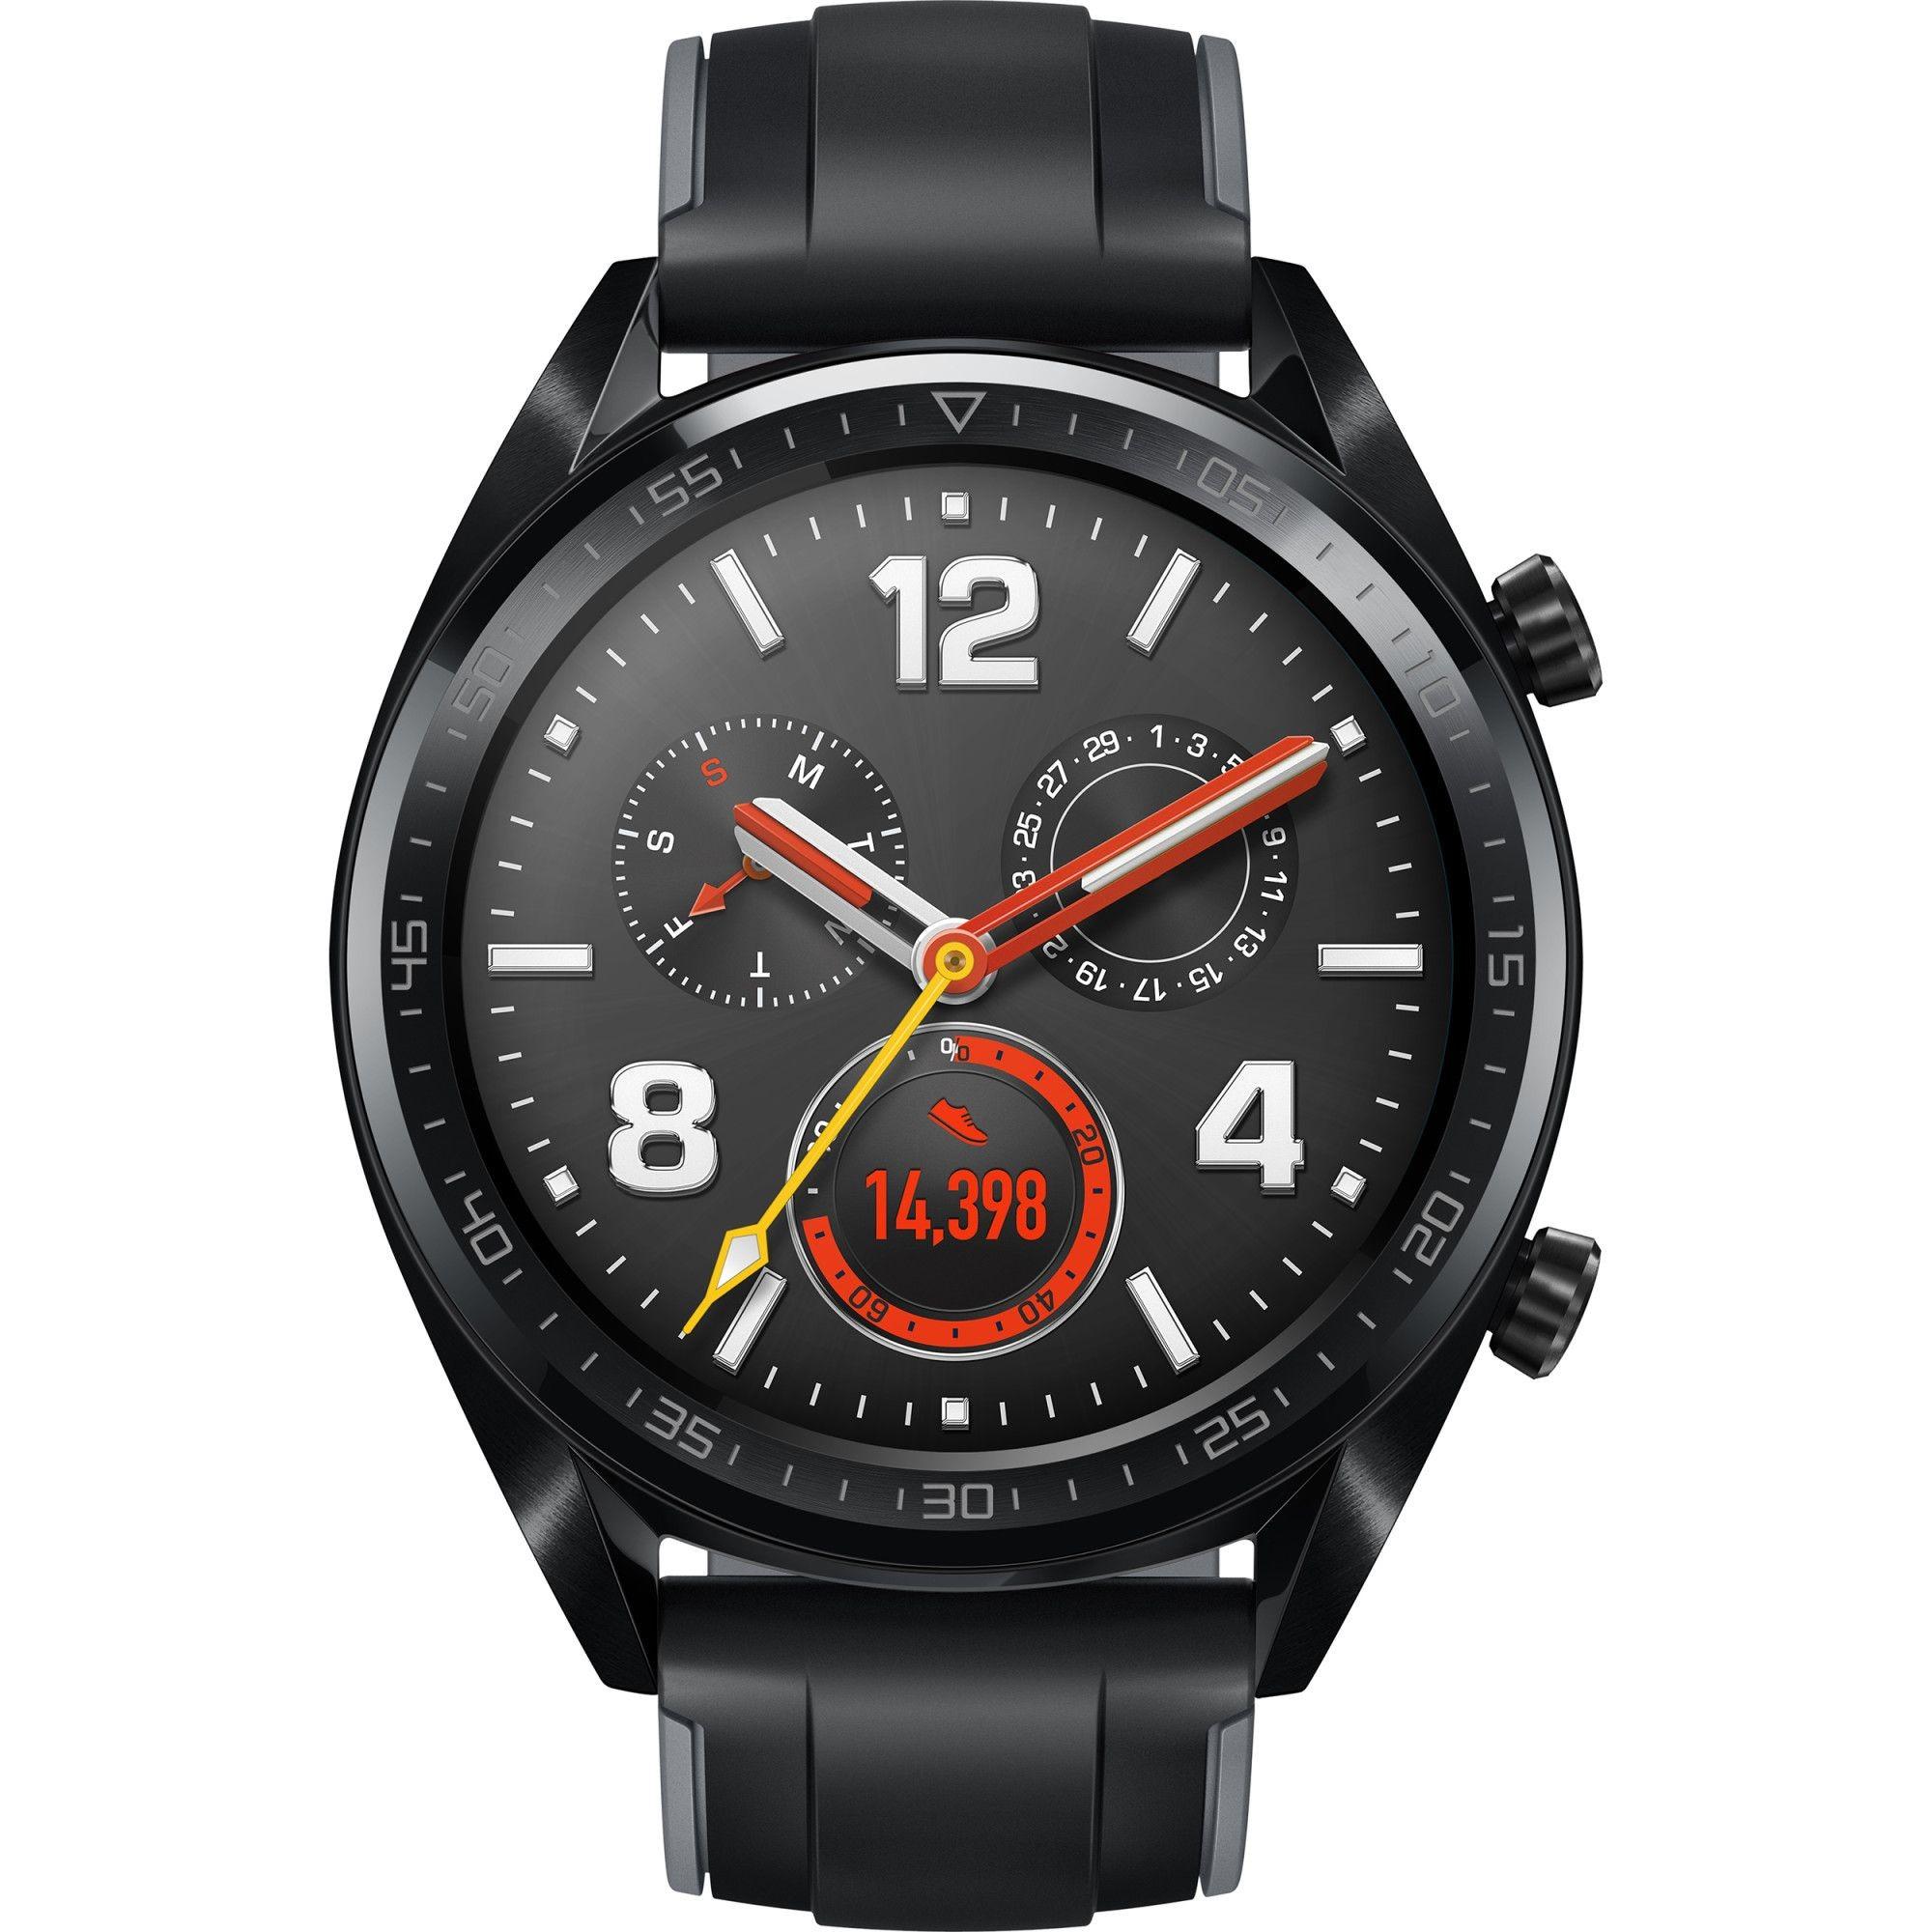 Huawei Watch GT reloj inteligente Negro AMOLED 3,53 cm